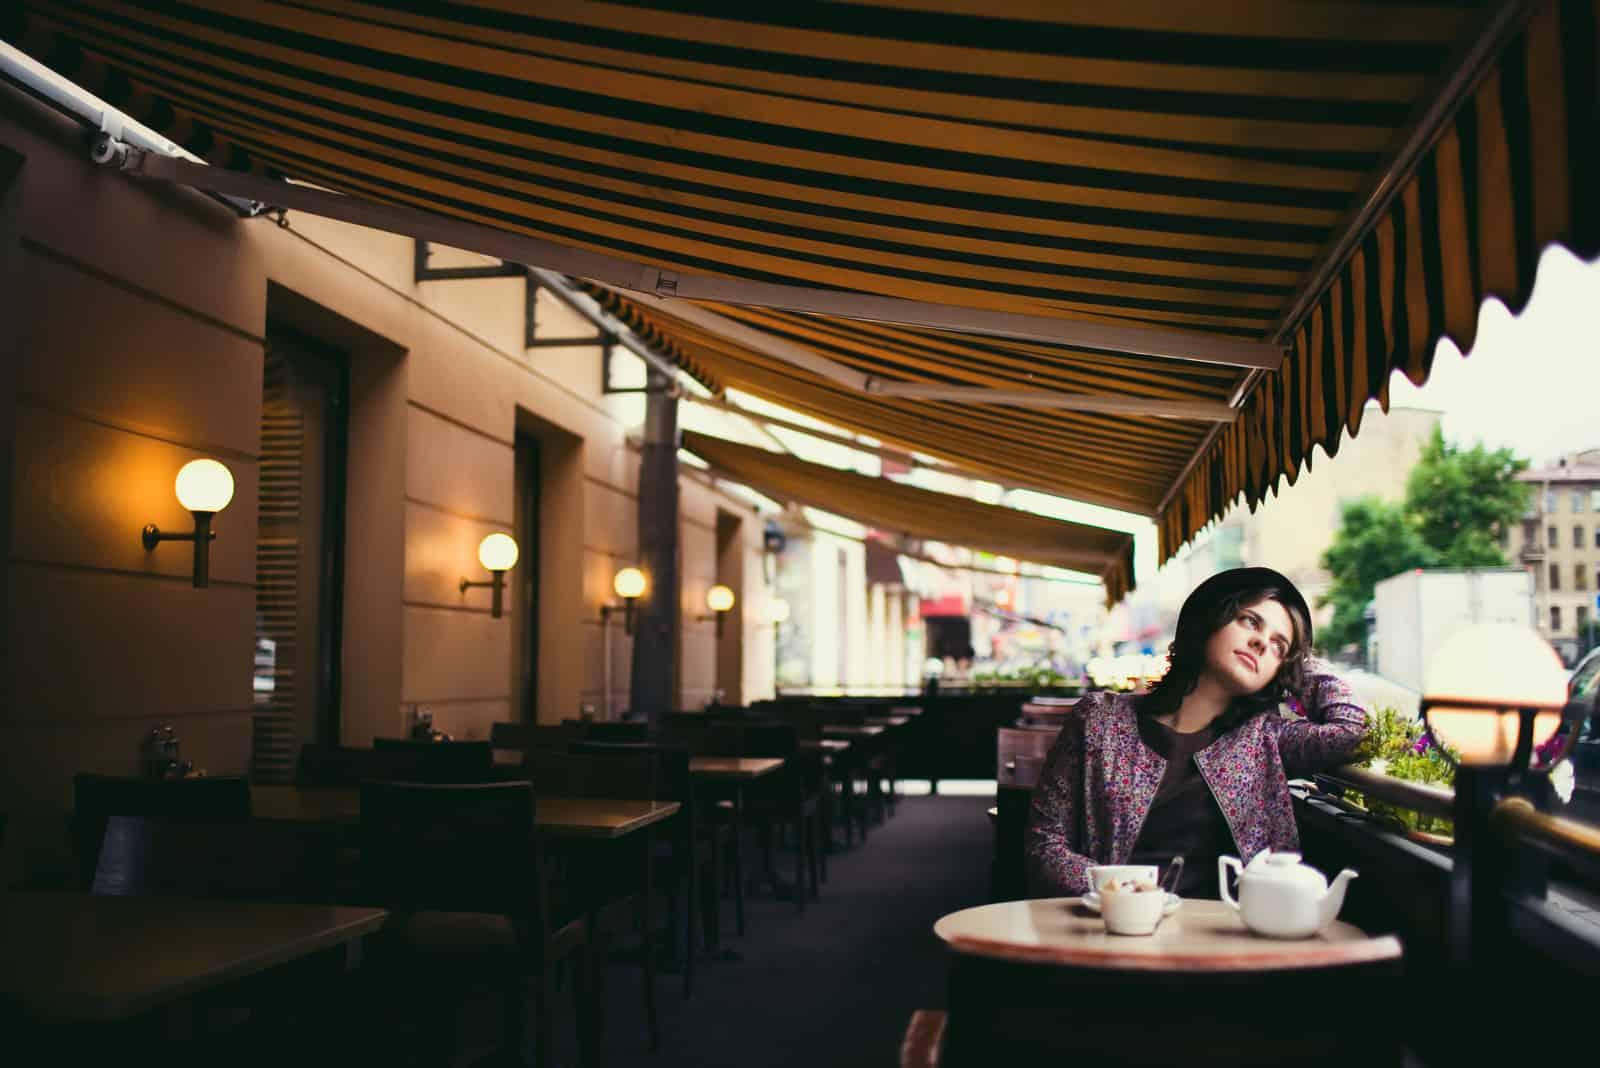 la femme imaginée est assise seule à table